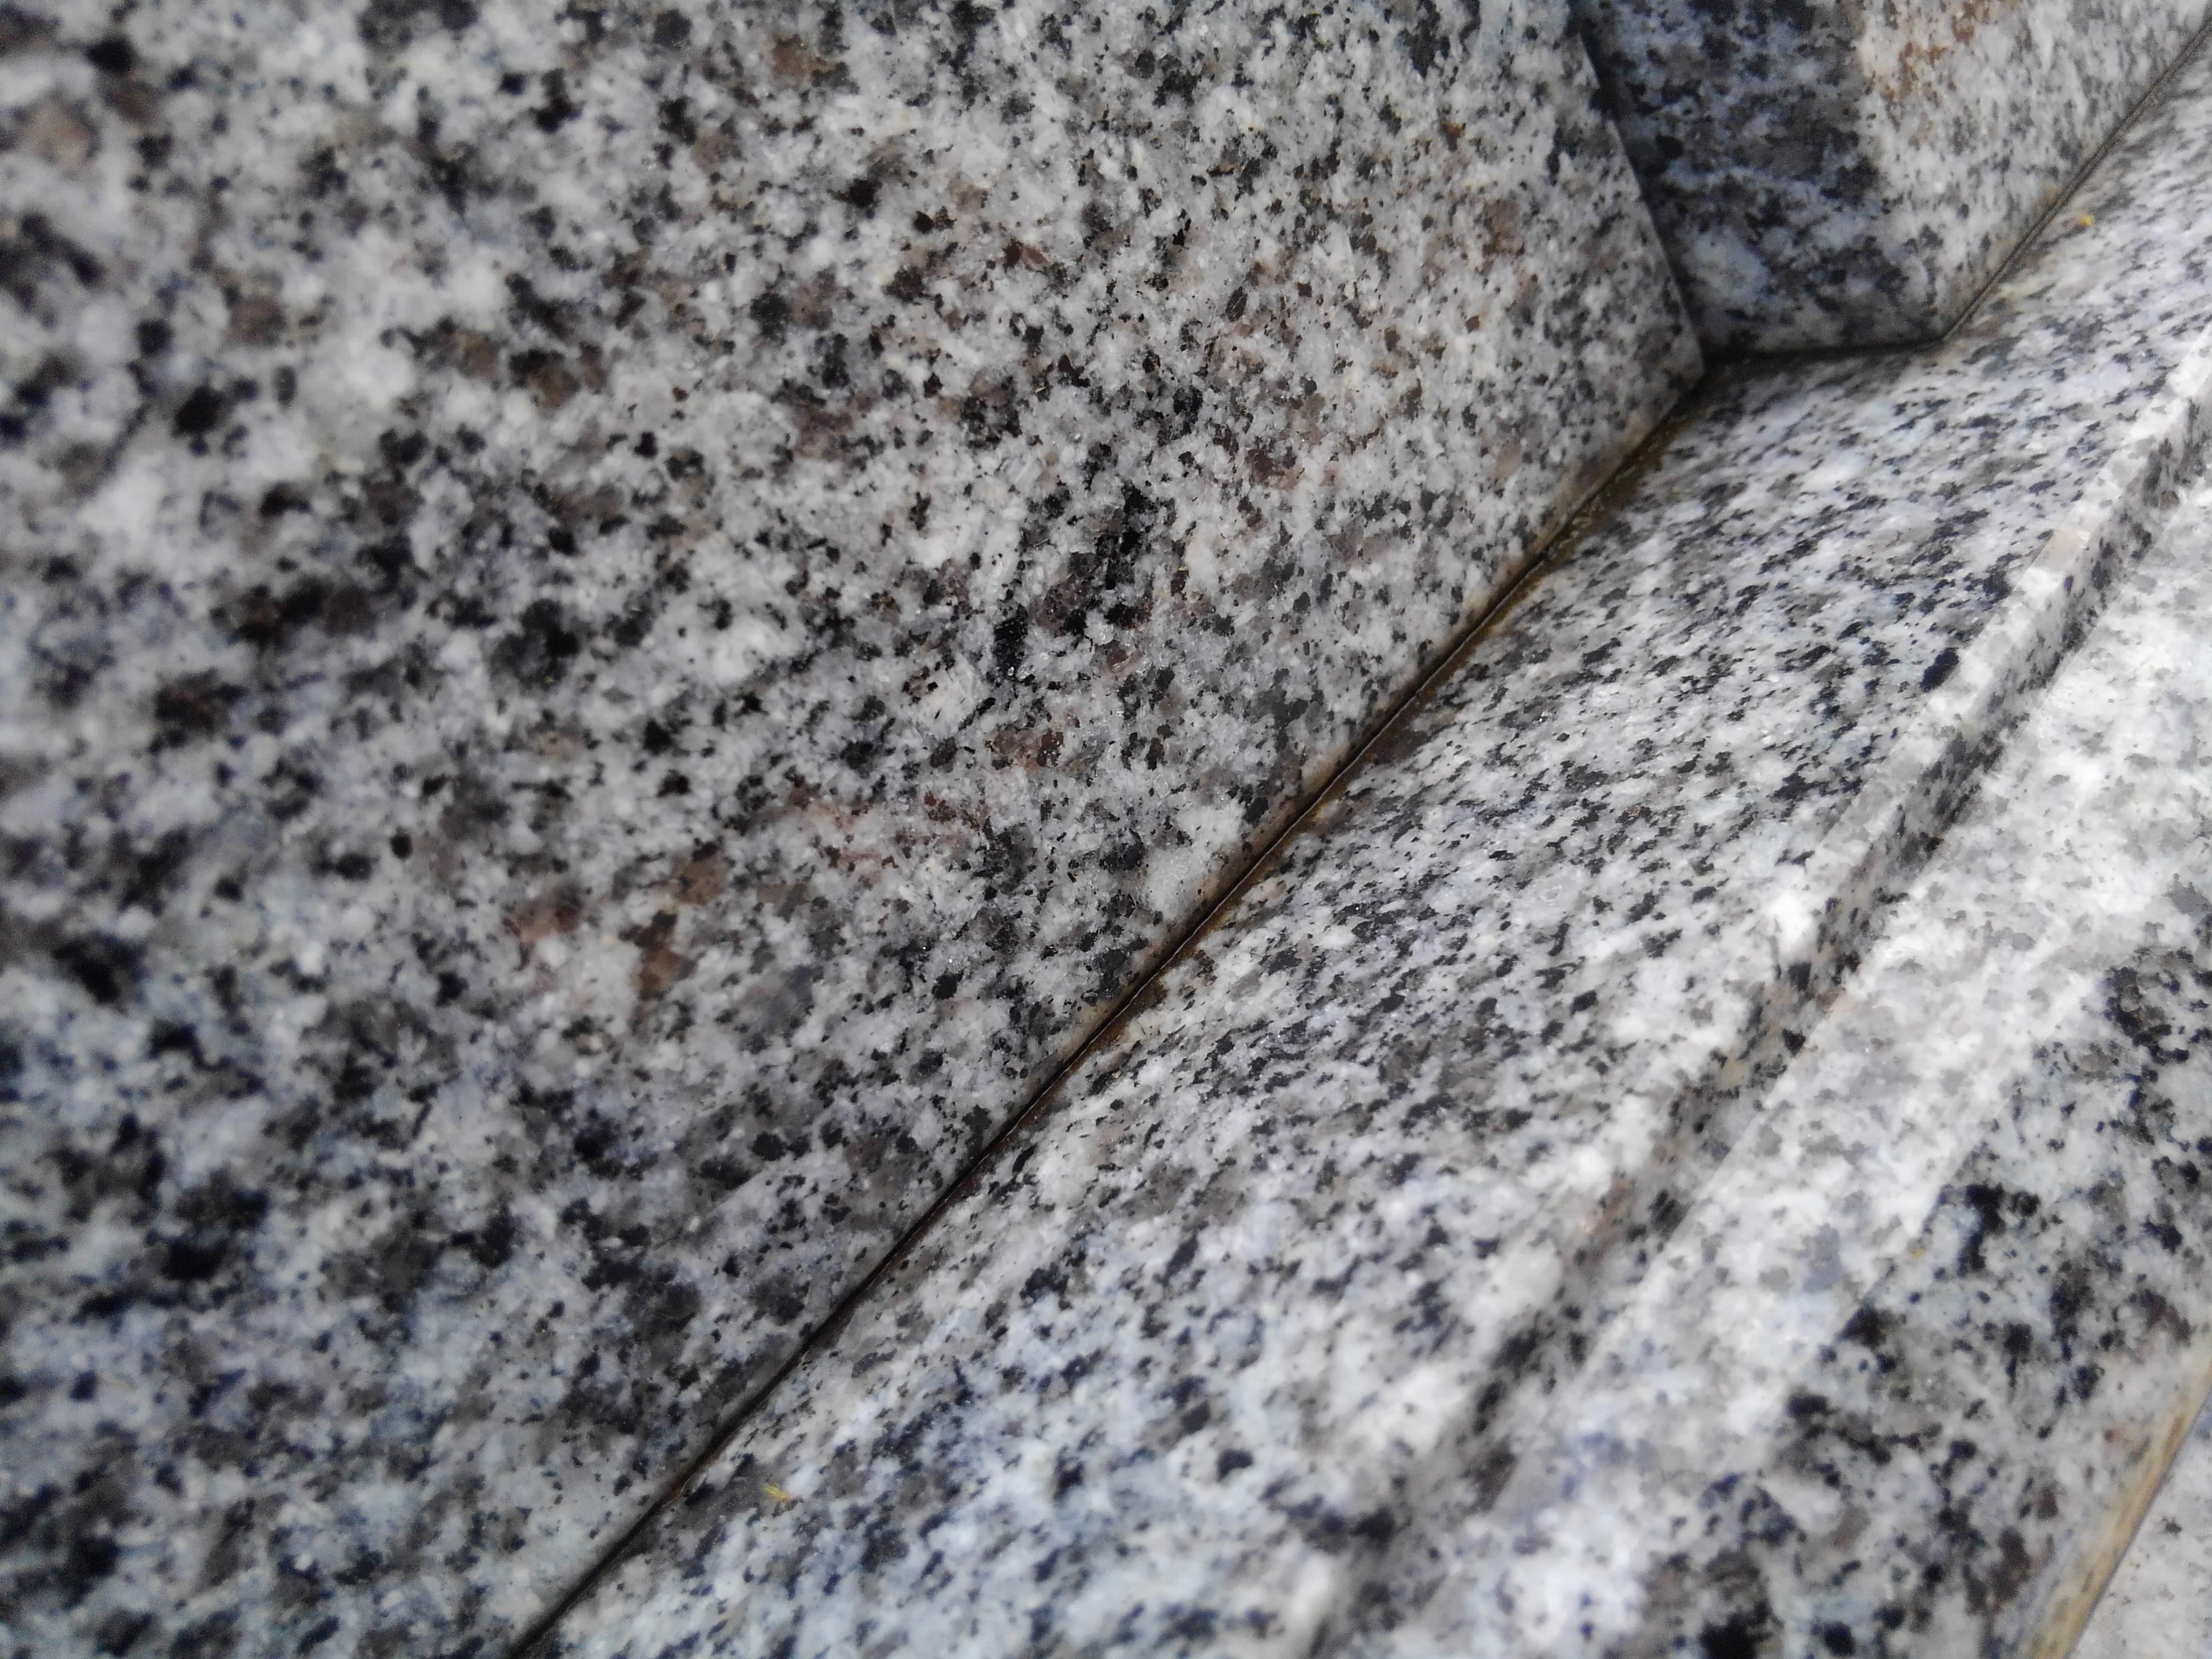 https://www.morita-stone.co.jp/weblog/img/%E7%9F%B3%E3%81%AE%E9%9A%99%E9%96%93.jpg